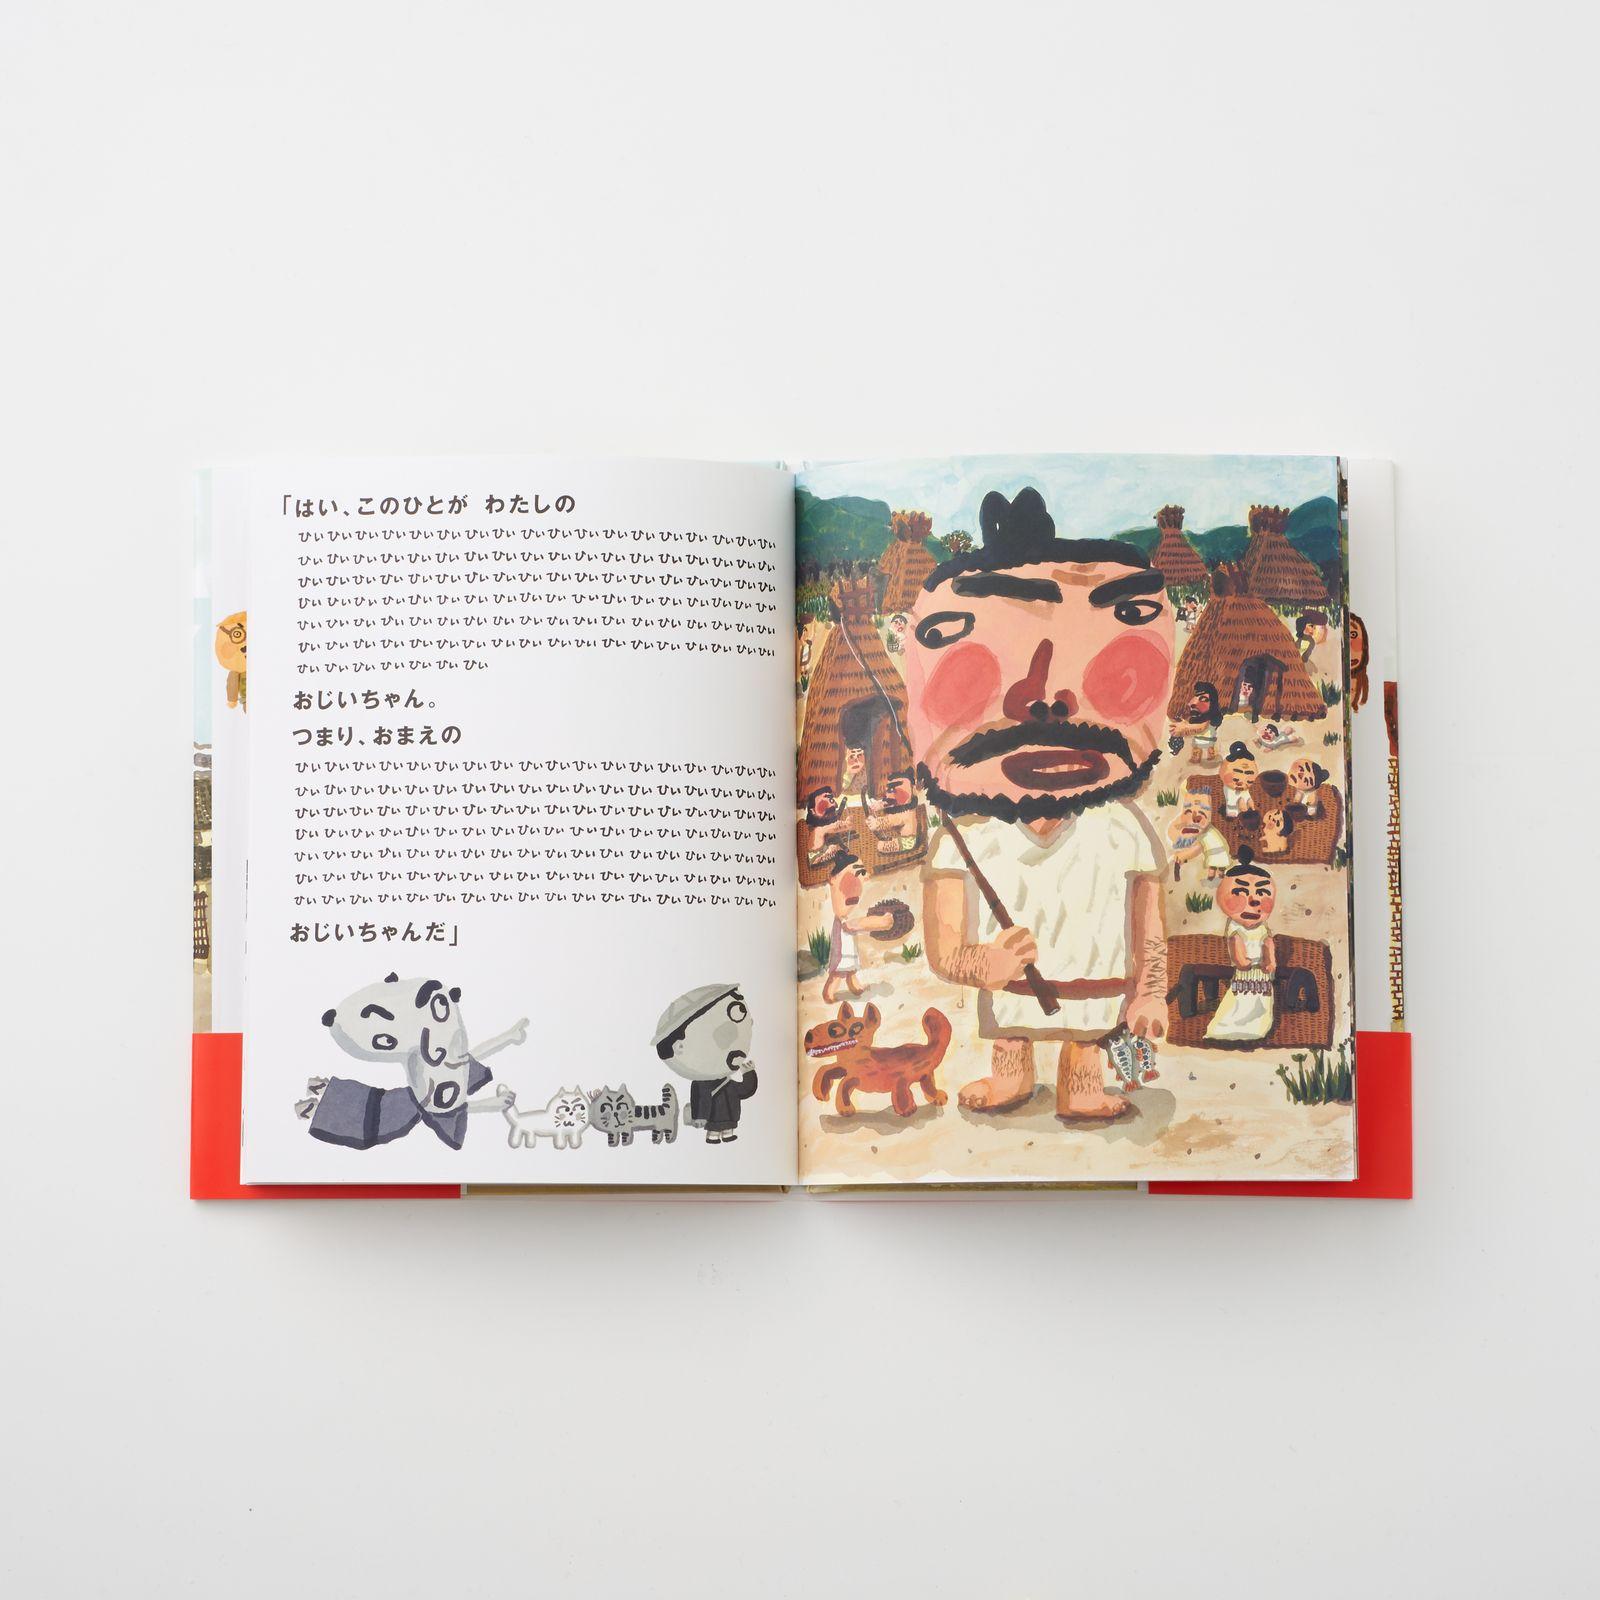 長谷川義史 かぞくの絵本セット(2冊)